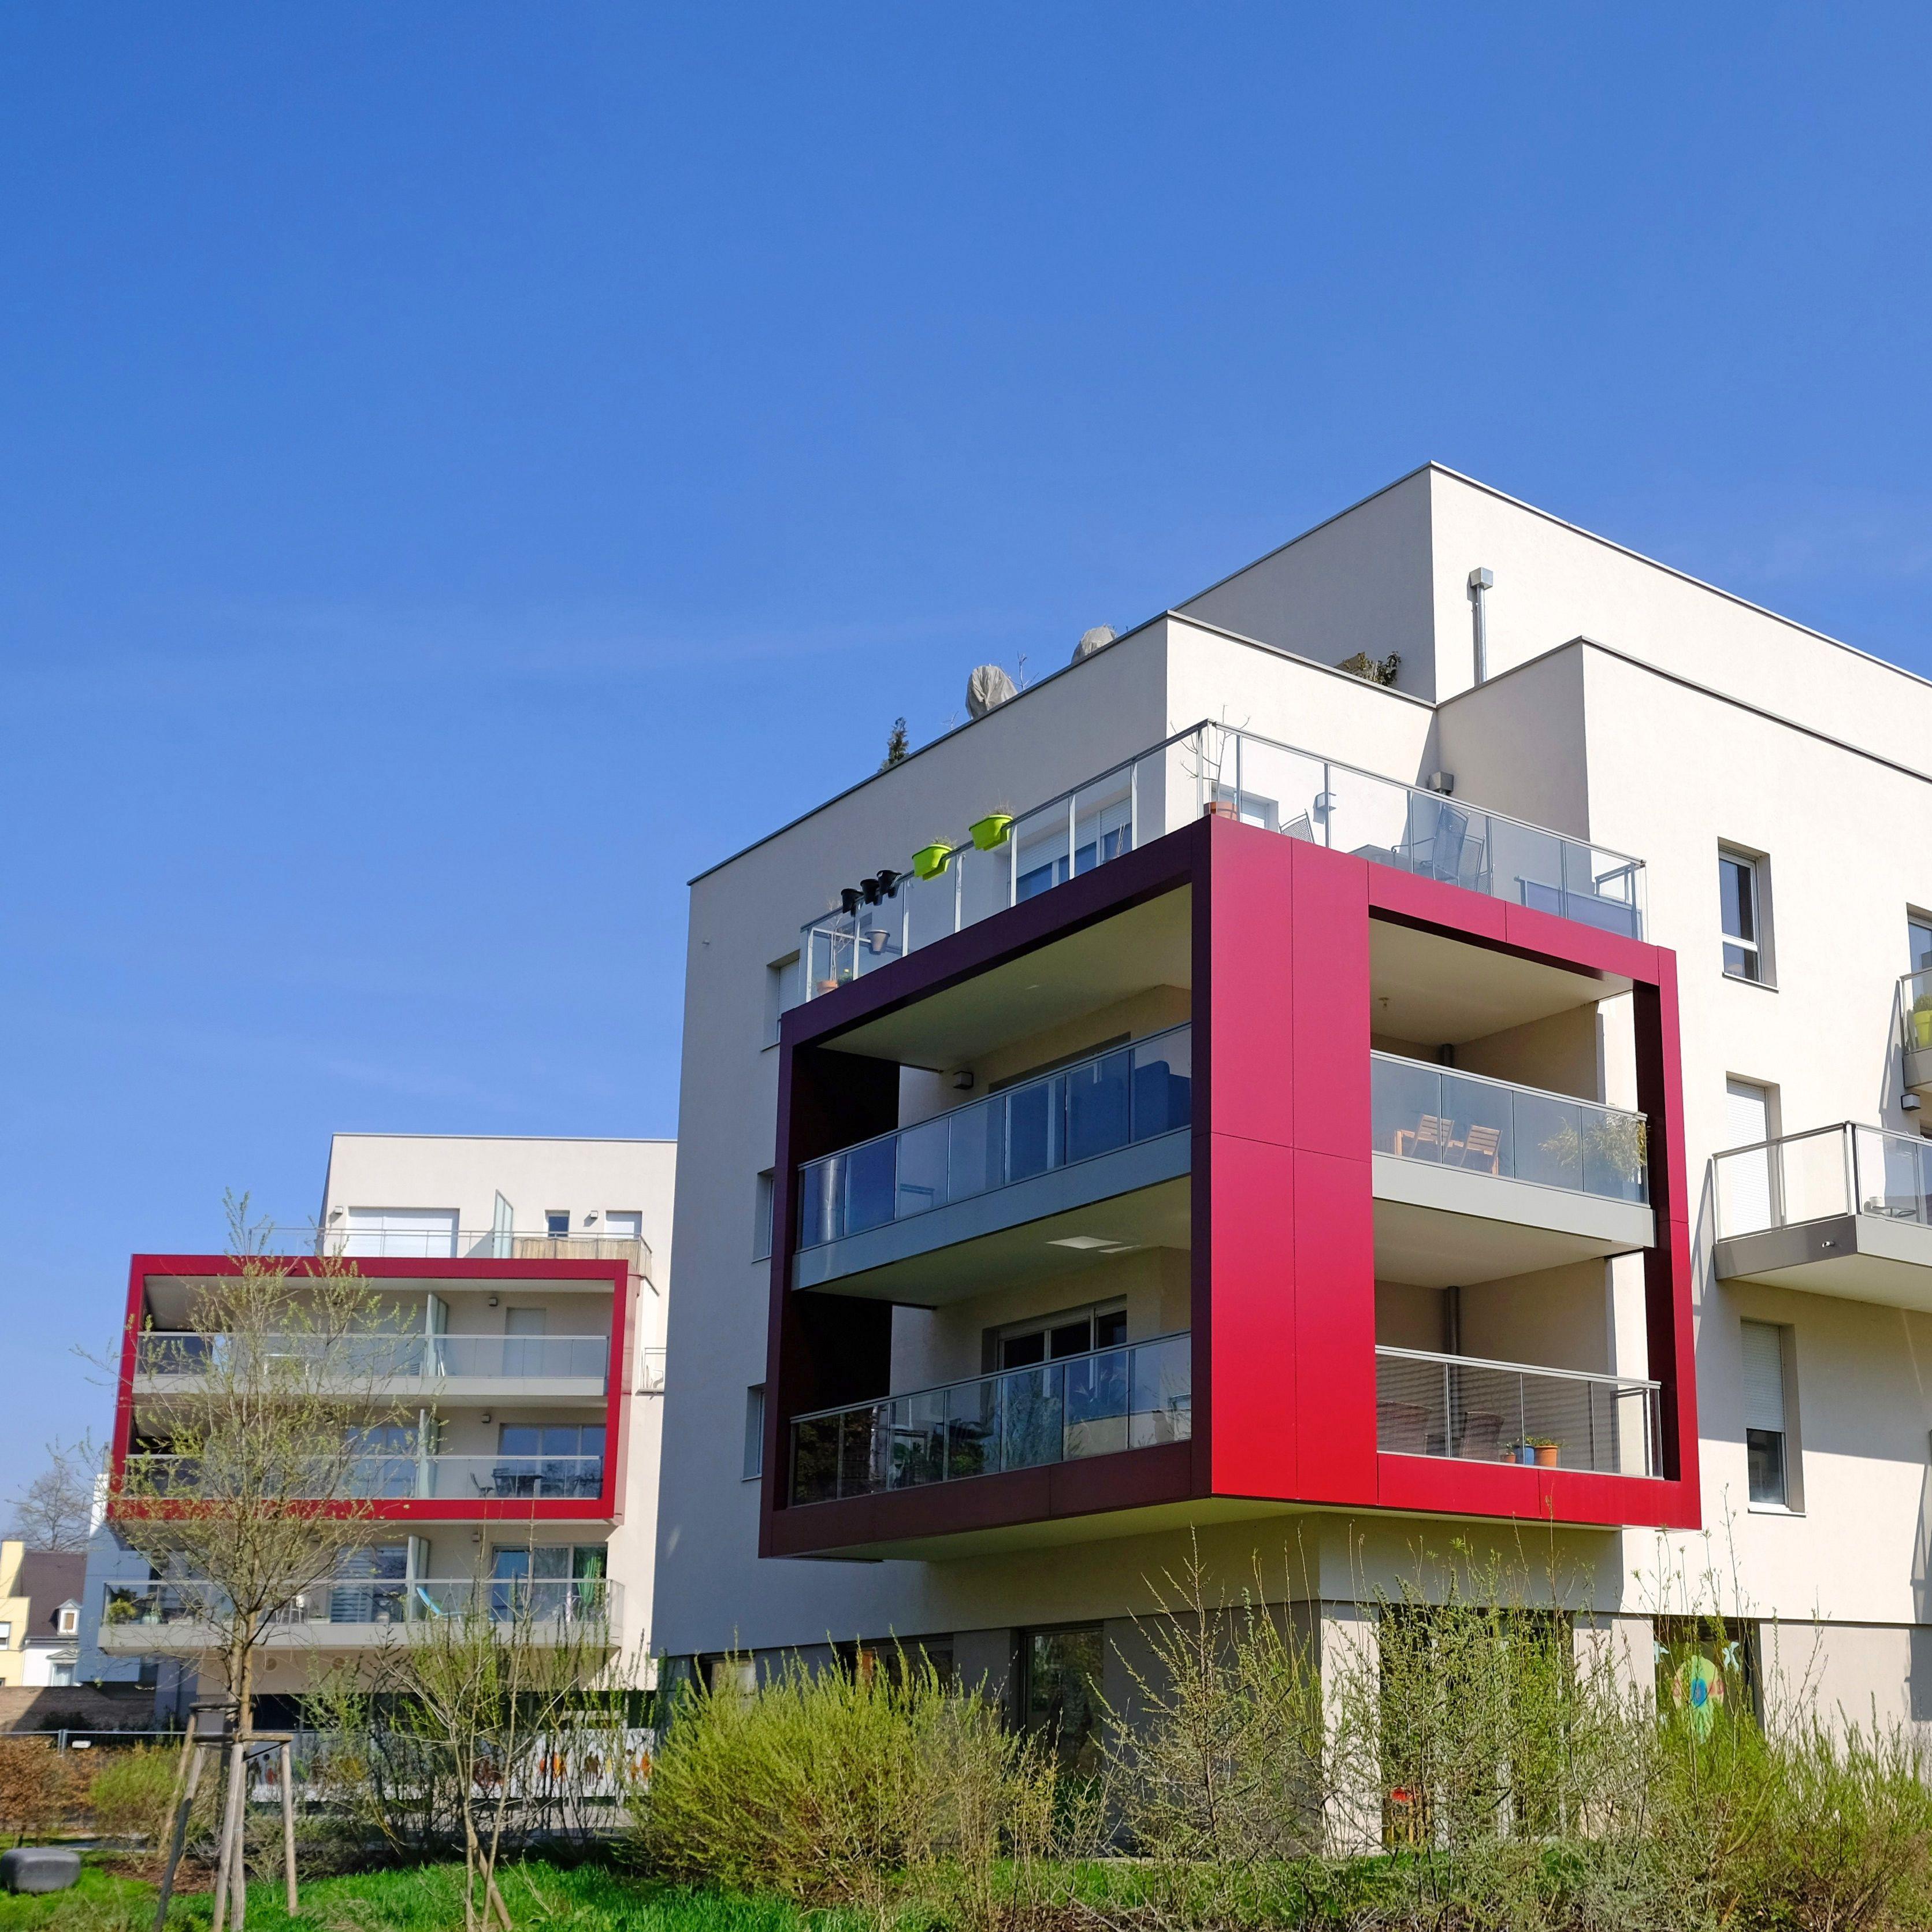 Eco Quartier Schiltigheim Adelshoffen Appartement Elsass Strassburg Bodensee Urlaub